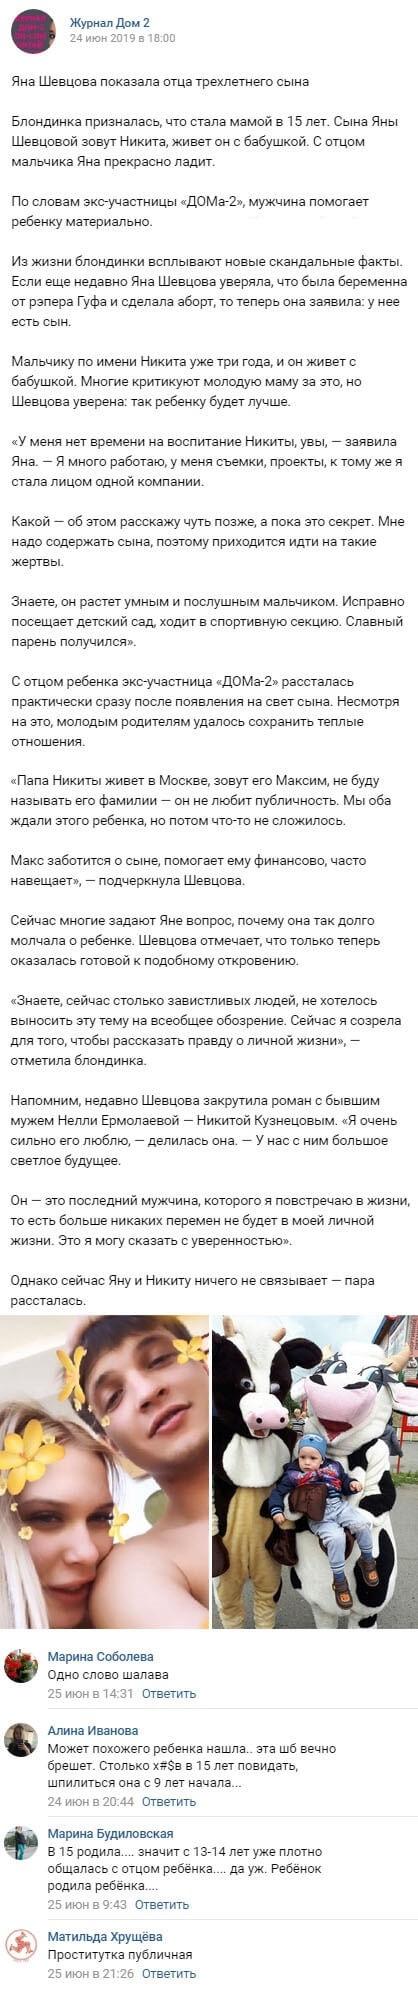 Яна Шевцова показала парня от которого родила в 15 лет